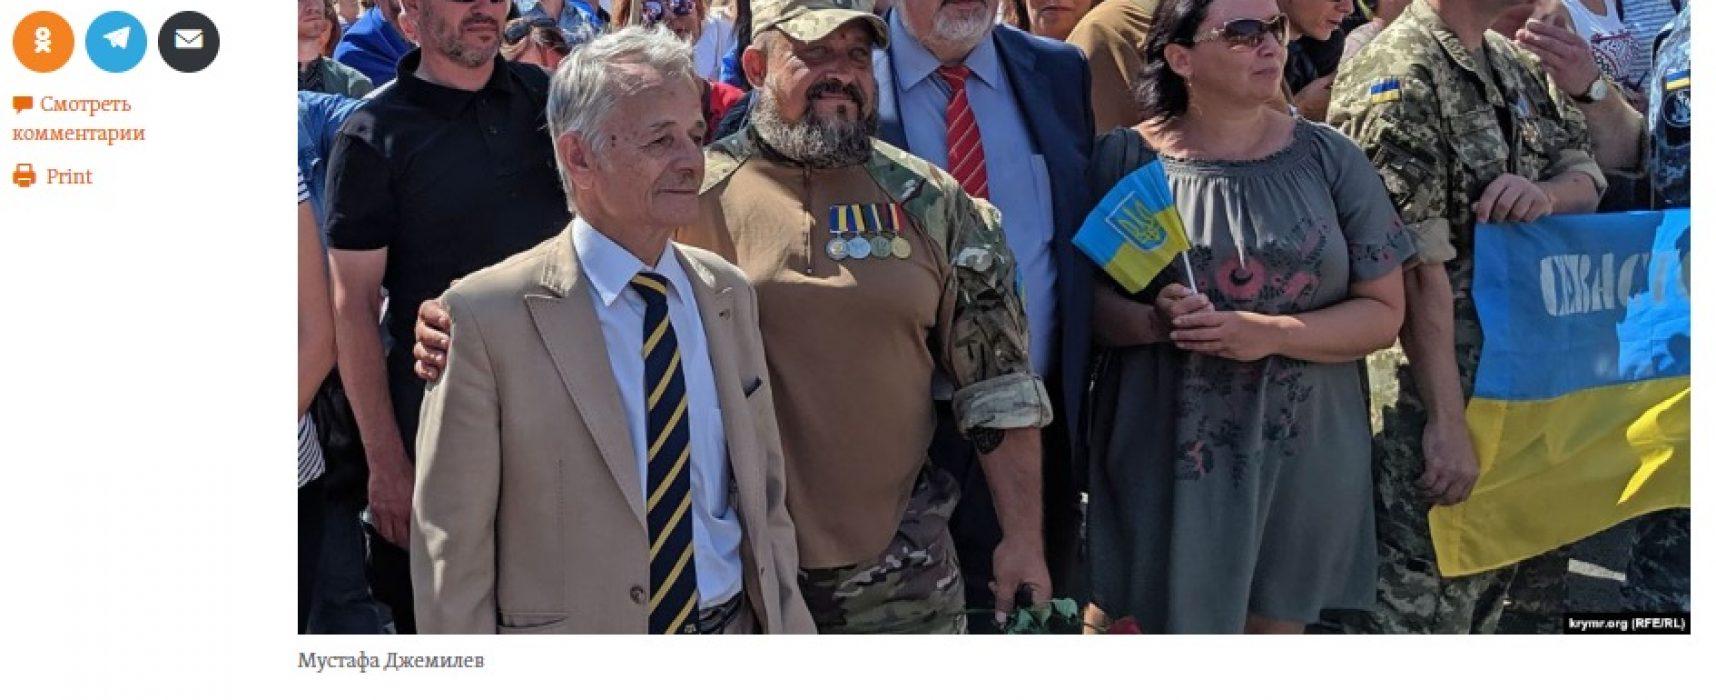 Маніпуляція: попереду маршу на Крим йтимуть «ті, кого не шкода»